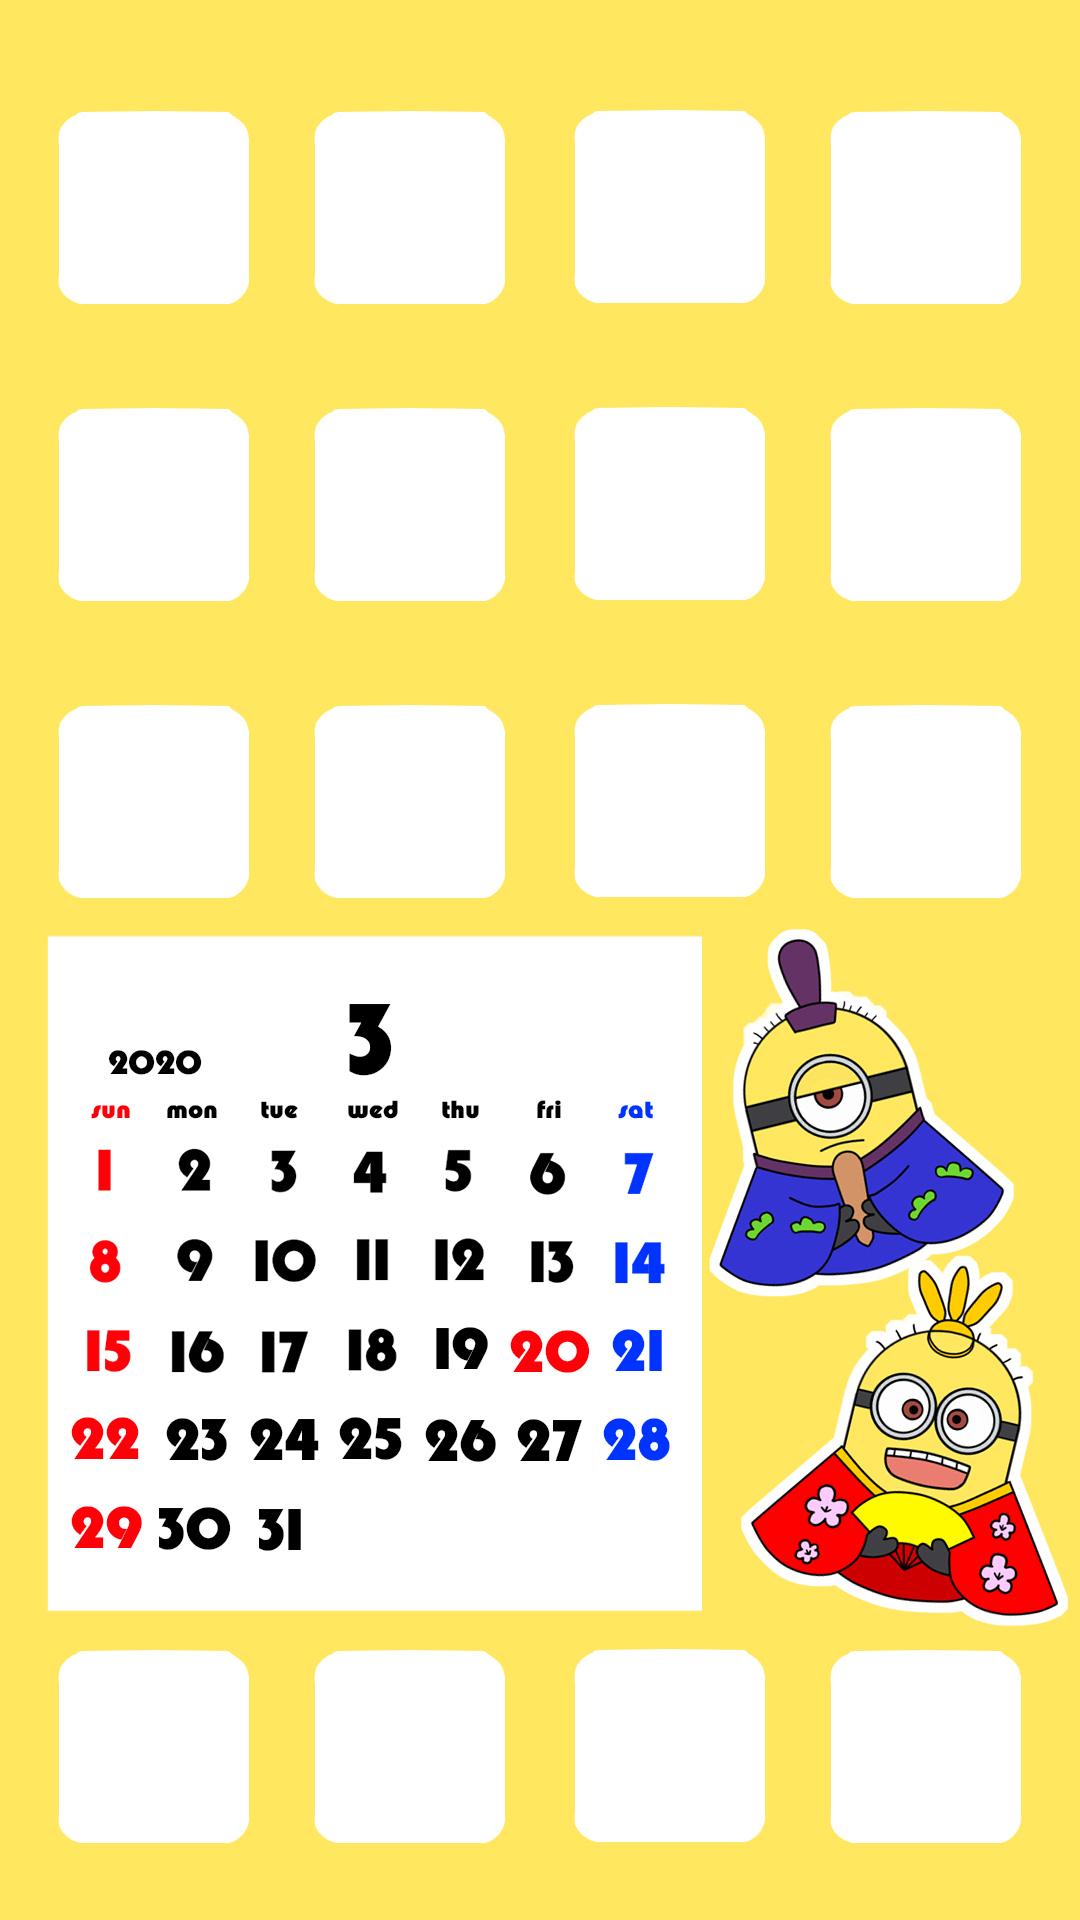 ミニオンズ 待ち受けカレンダー 2020年3月 iPhone用 日曜始まり